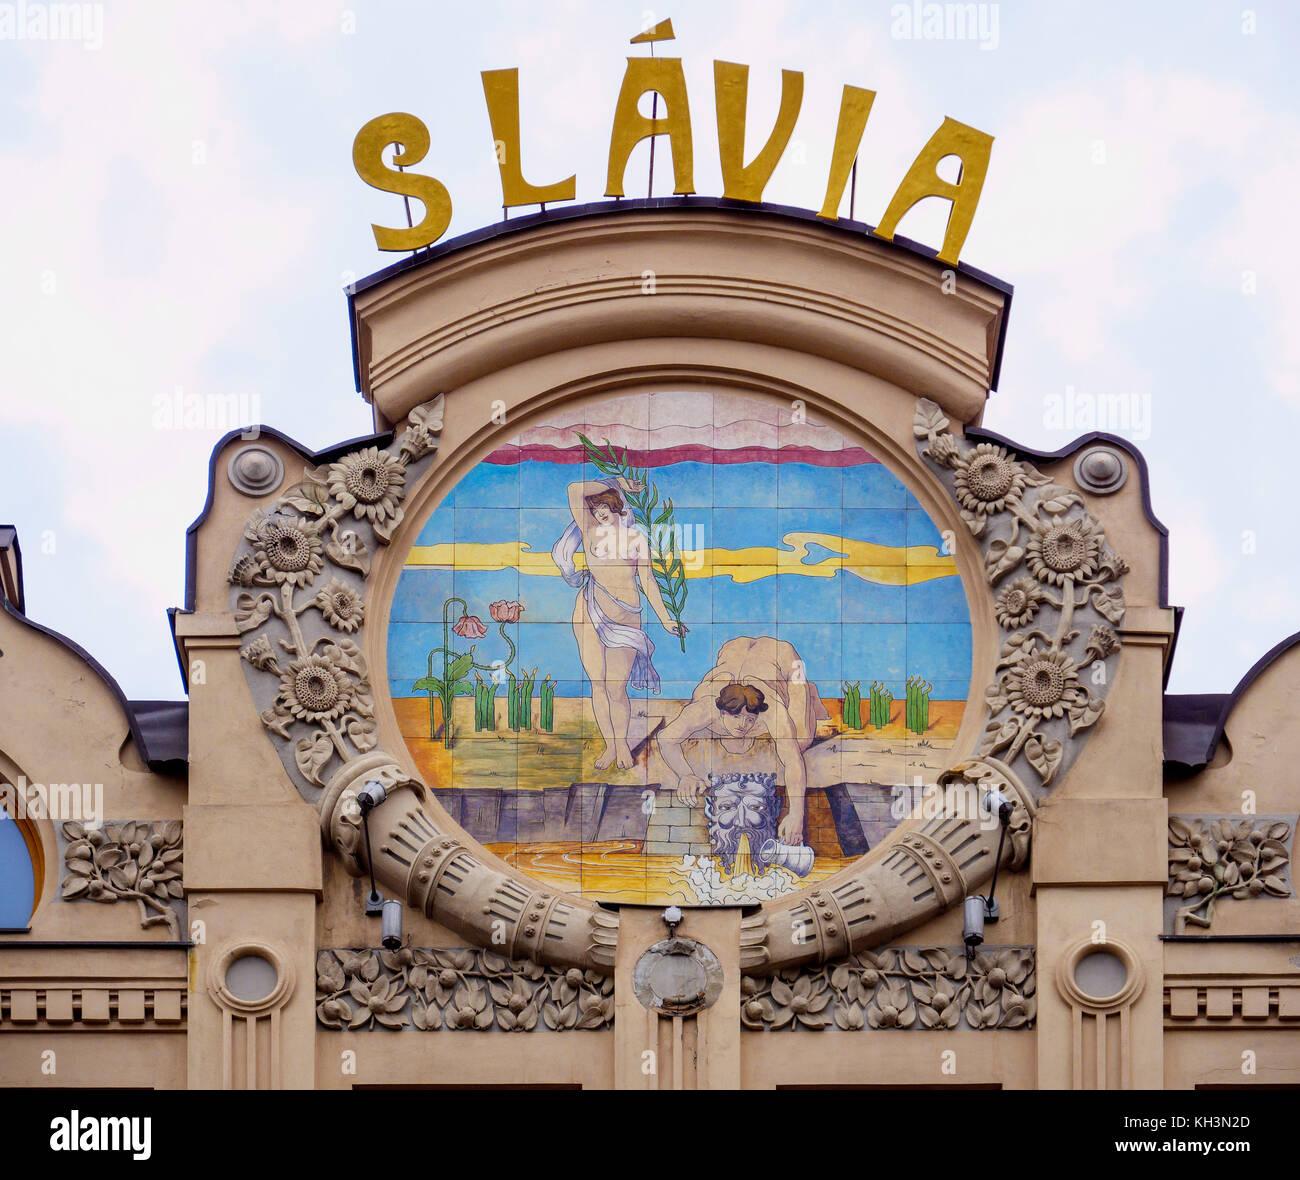 Hotel und Café Slavia, Hlavna 63 in Kosice, Kosicky kraj, Slowakei, Europa Hotel and Café Slavia, Hlavna - Stock Image